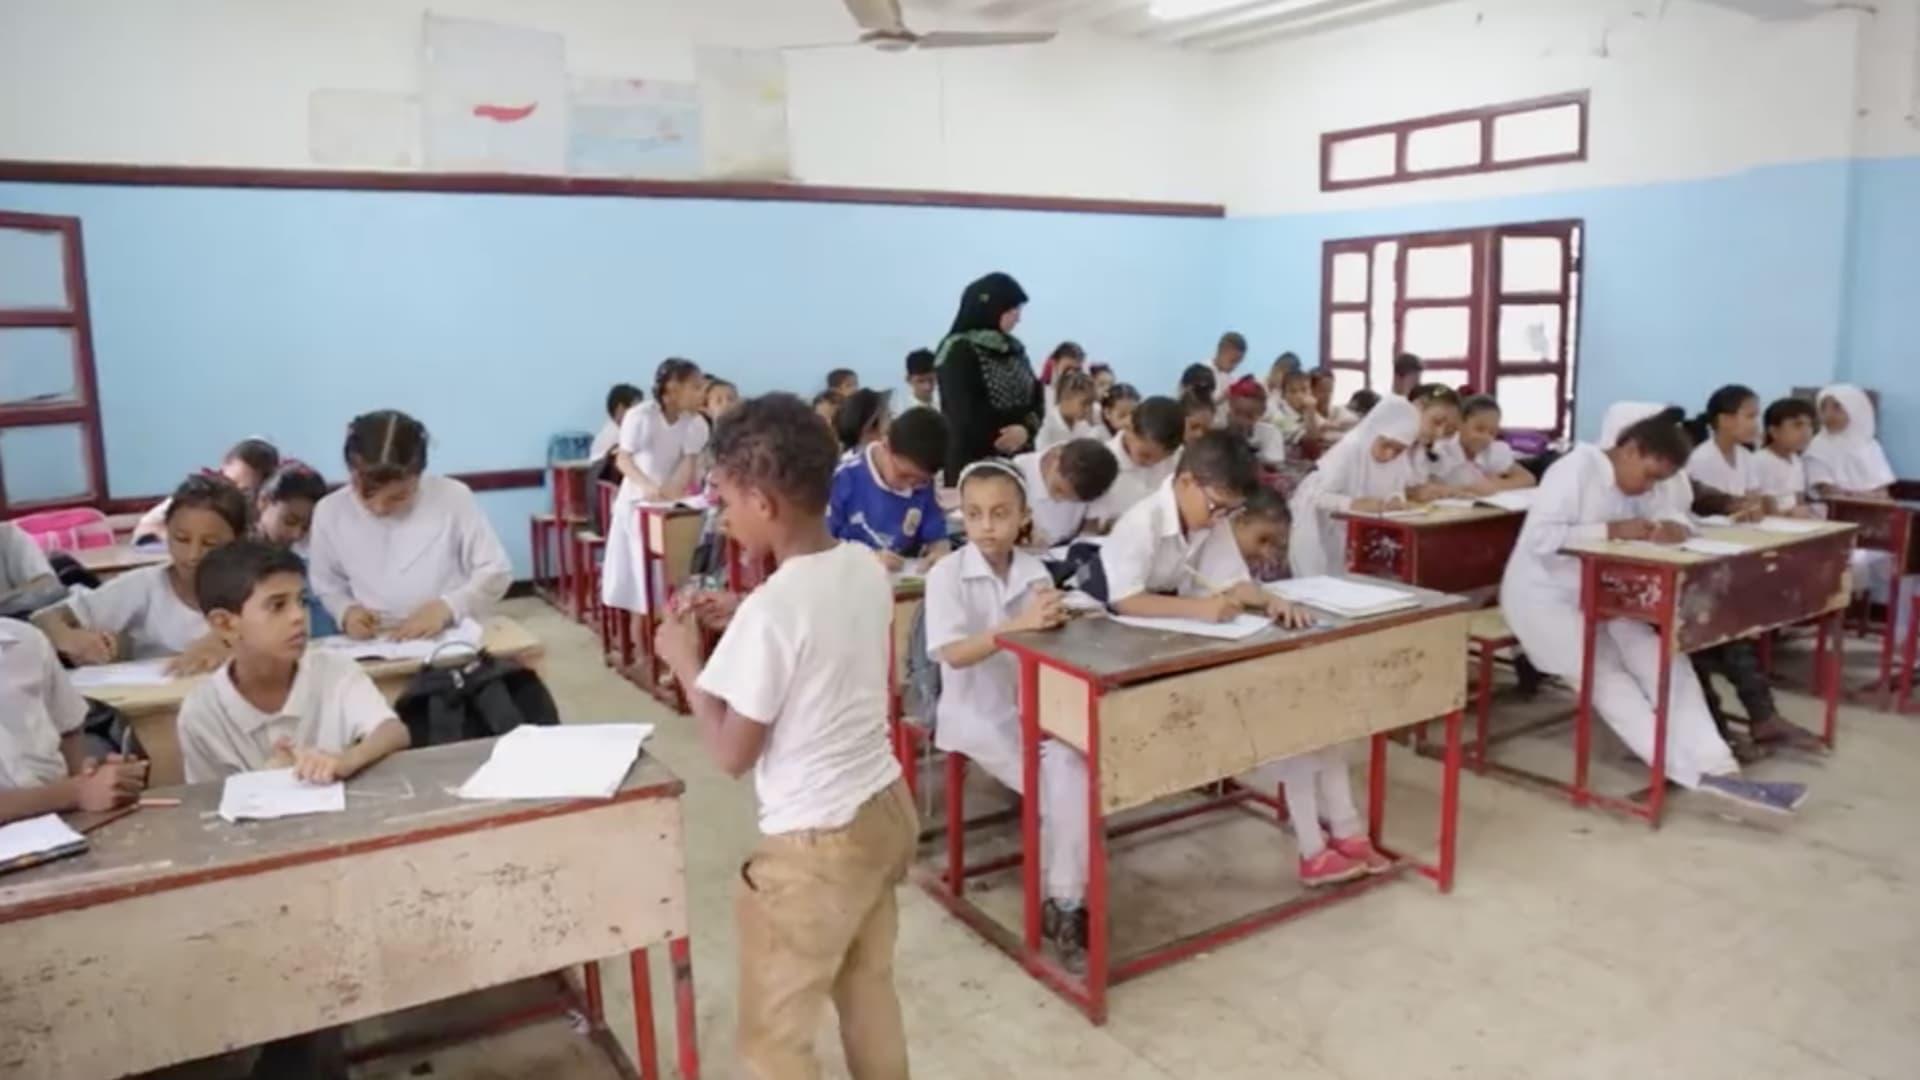 اليونيسيف: مليونا طفل يمني باتوا خارج المدرسة